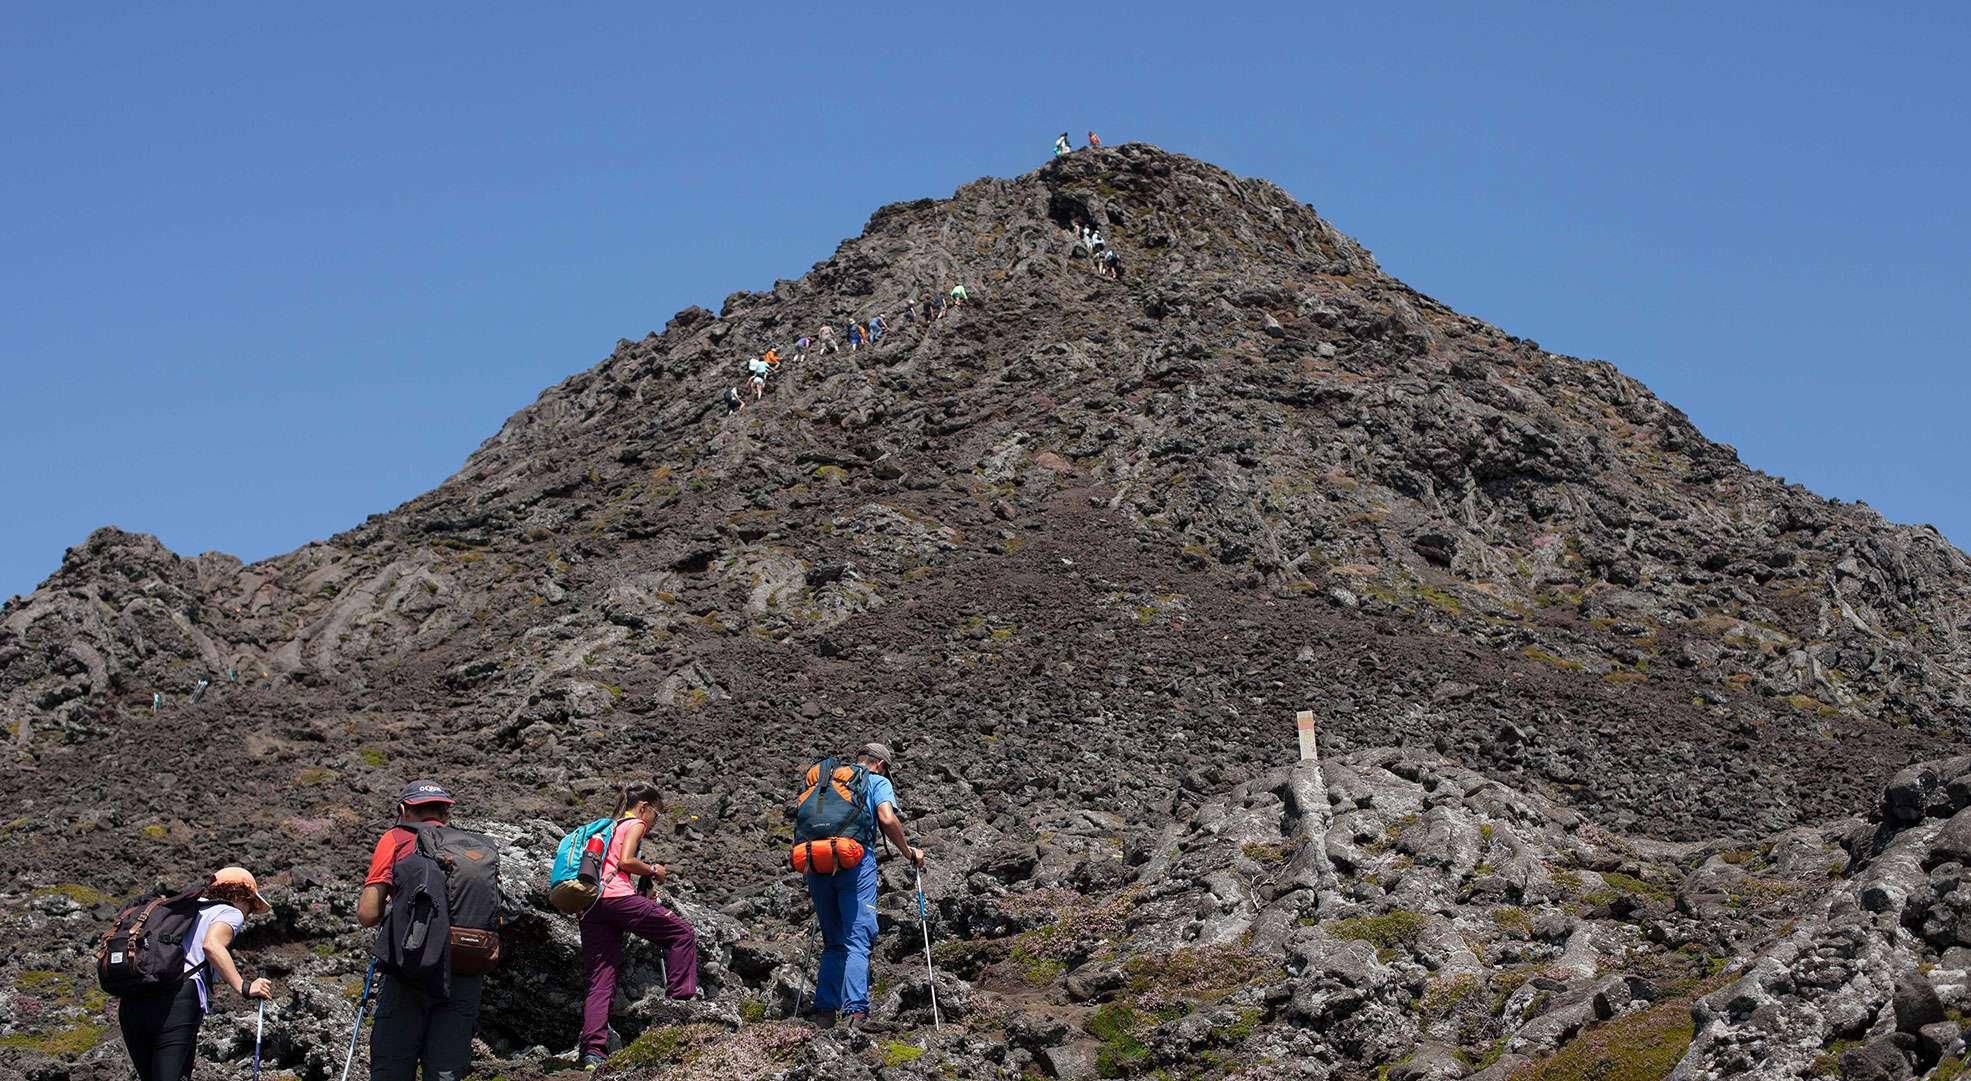 the mountain of pico